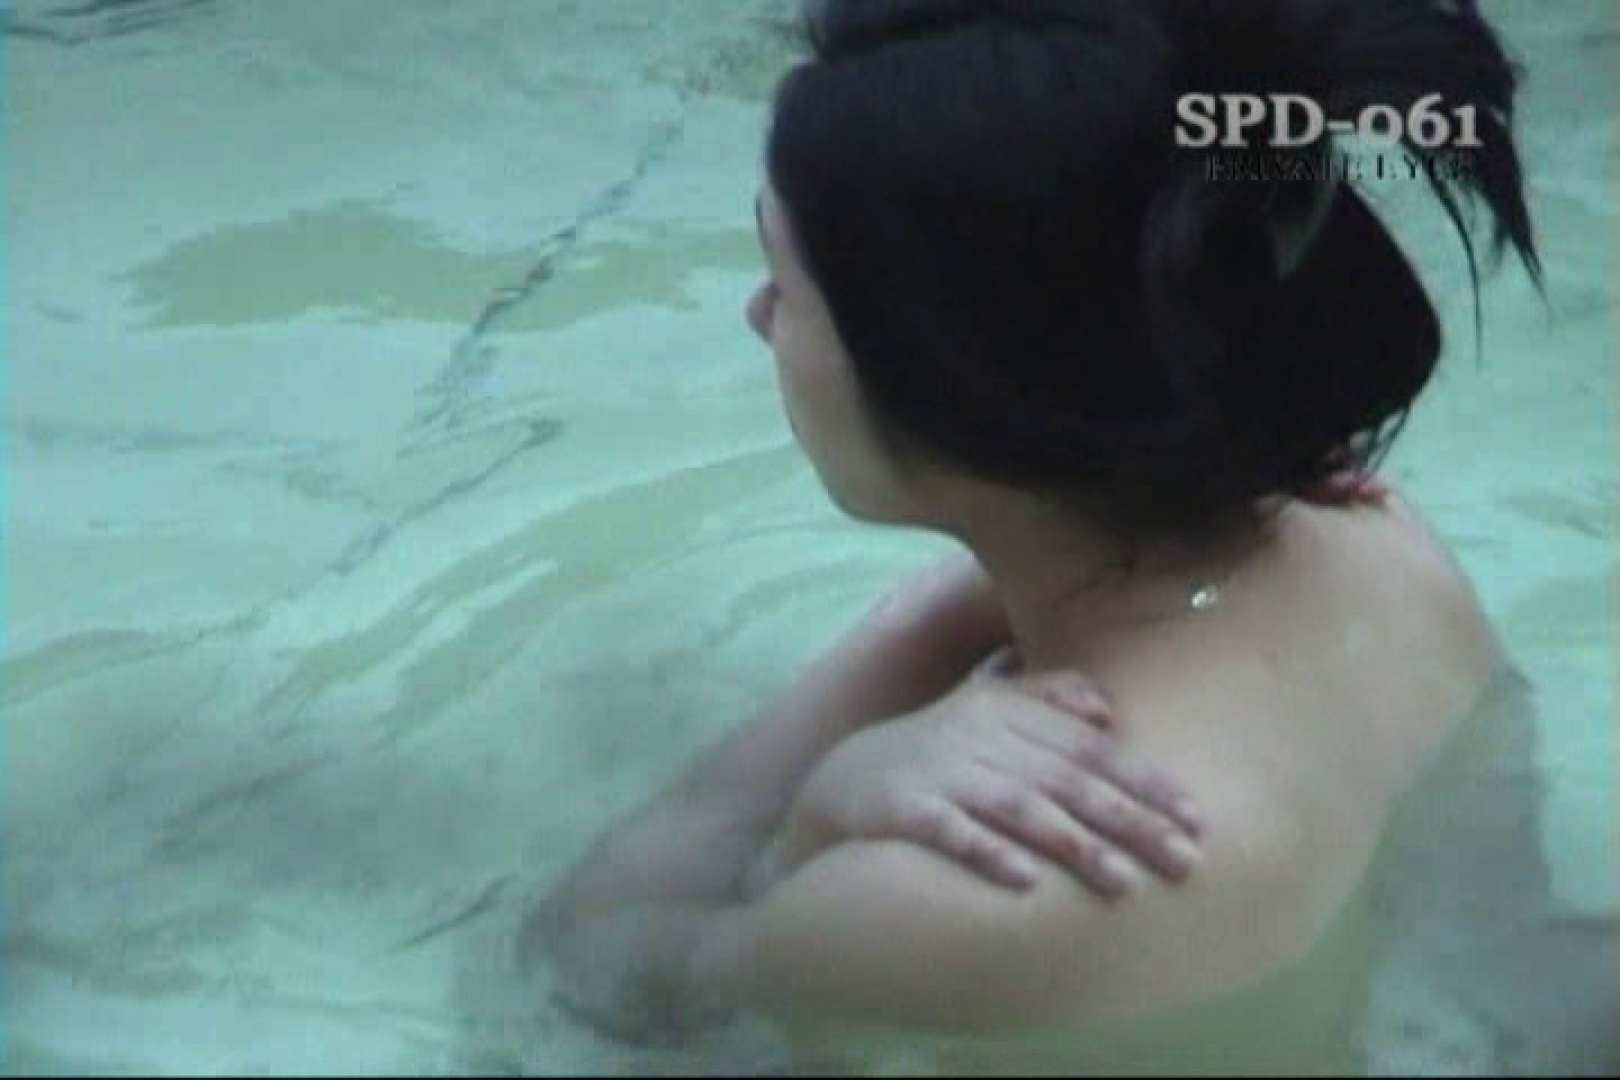 高画質版!SPD-061 新・露天浴場 8 人妻編 露天 ワレメ無修正動画無料 103pic 26